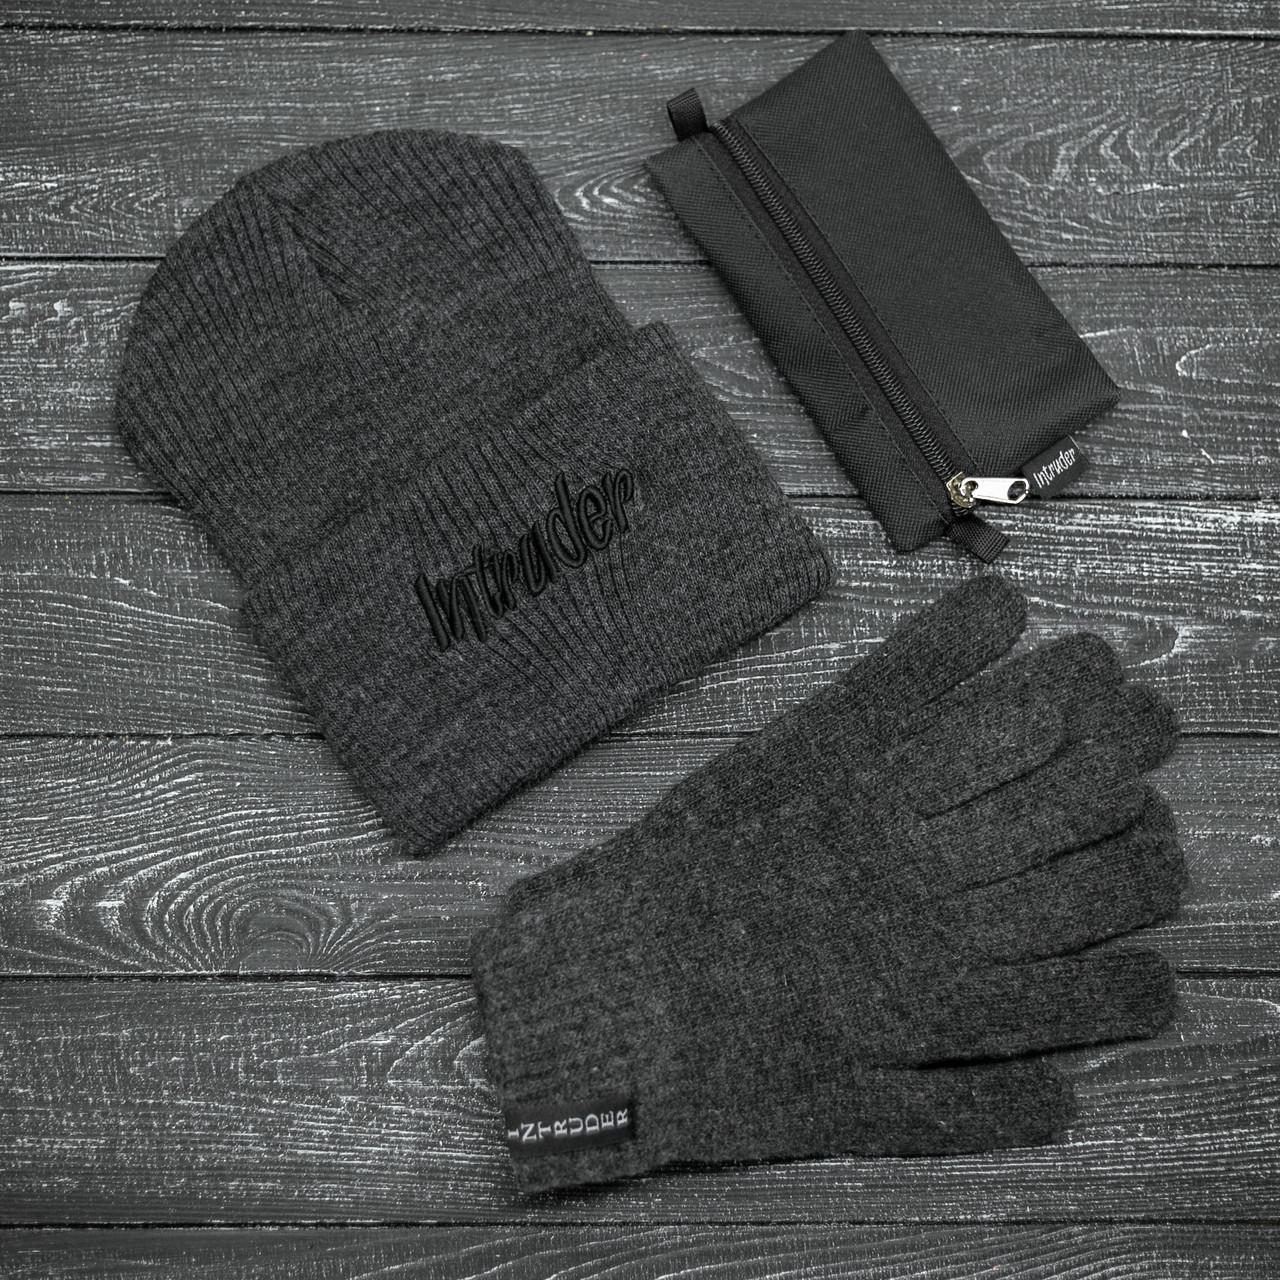 Мужская   Женская шапка Intruder серая зимняя big logo + перчатки серые, зимний комплект + ПОДАРОК